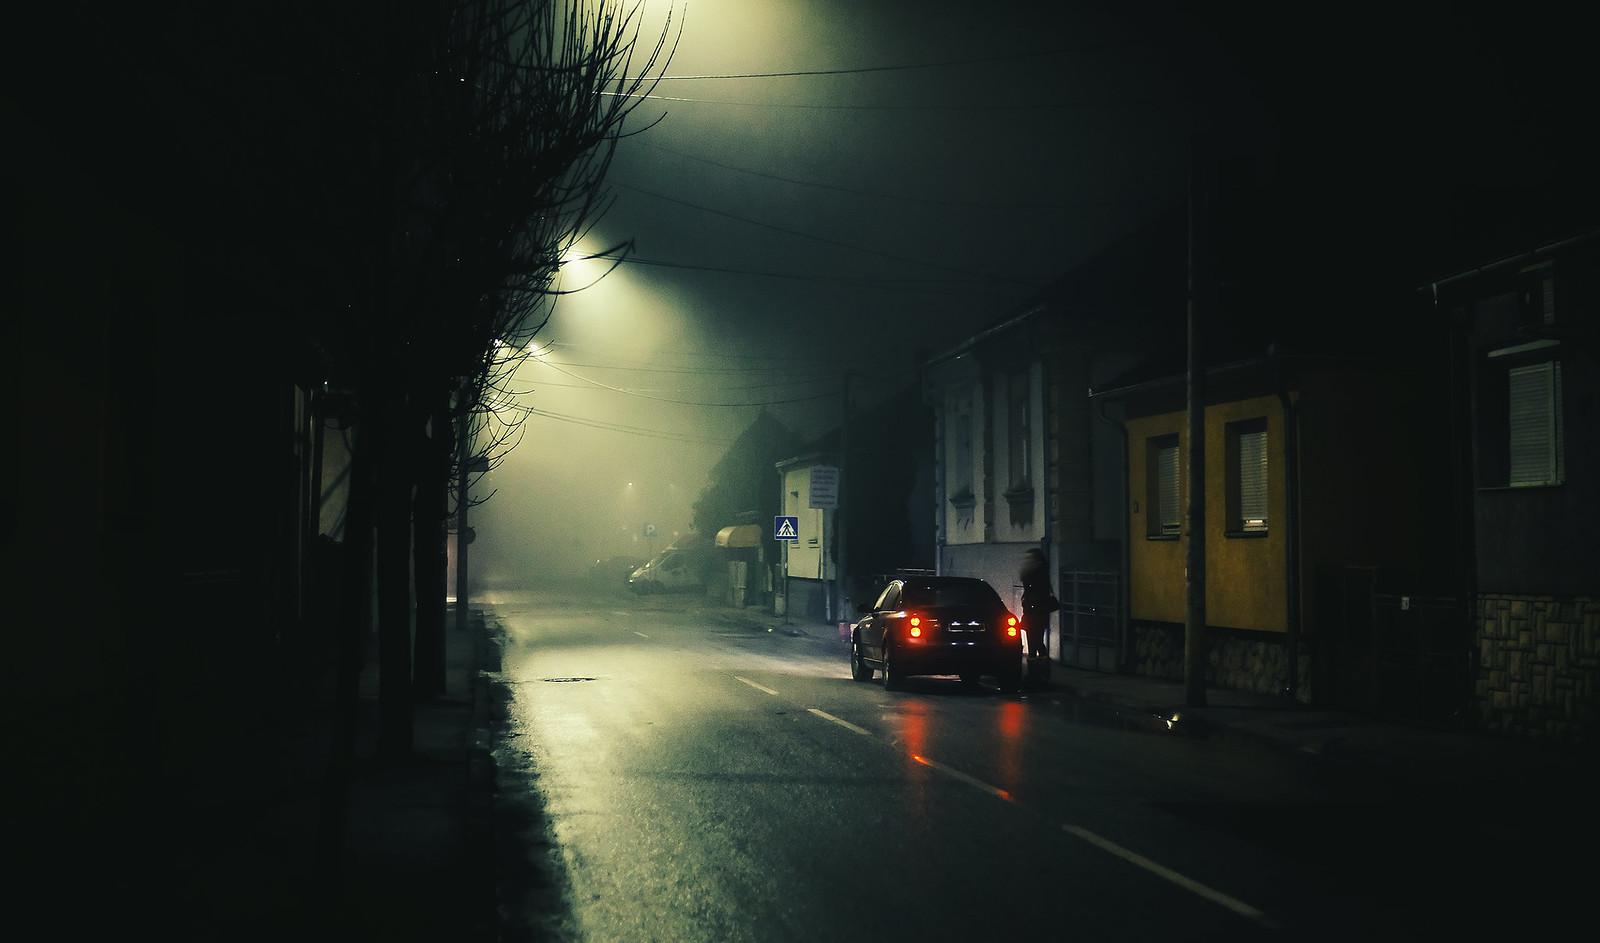 Mujer por una calle solitaria y oscura